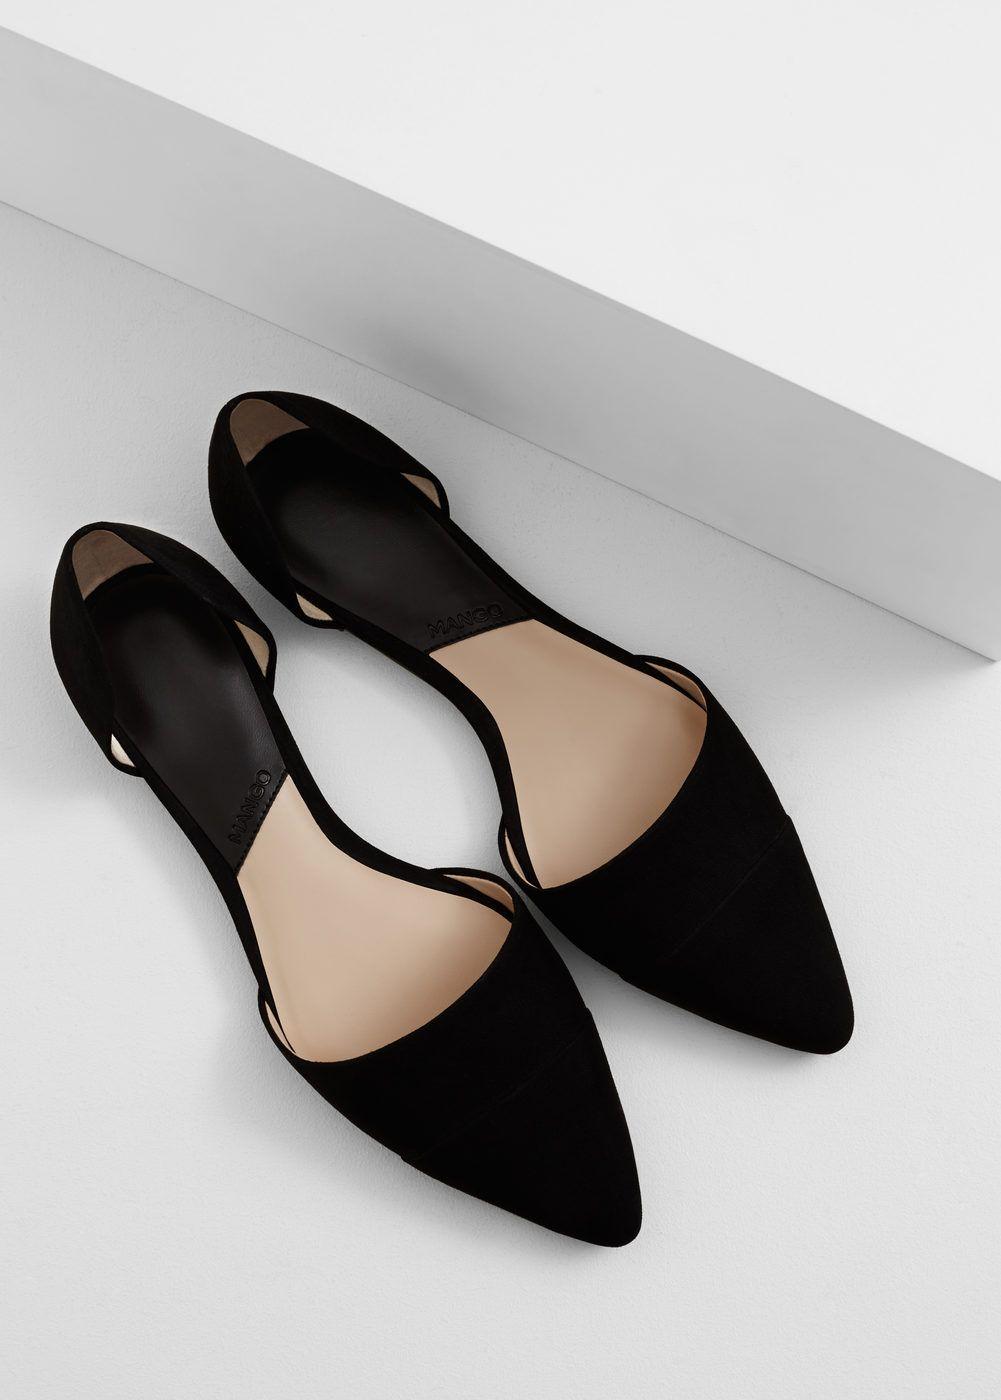 a2bd13de7 Sapato raso ponta - Mulher | Style shopping | Sapatos pretos ...